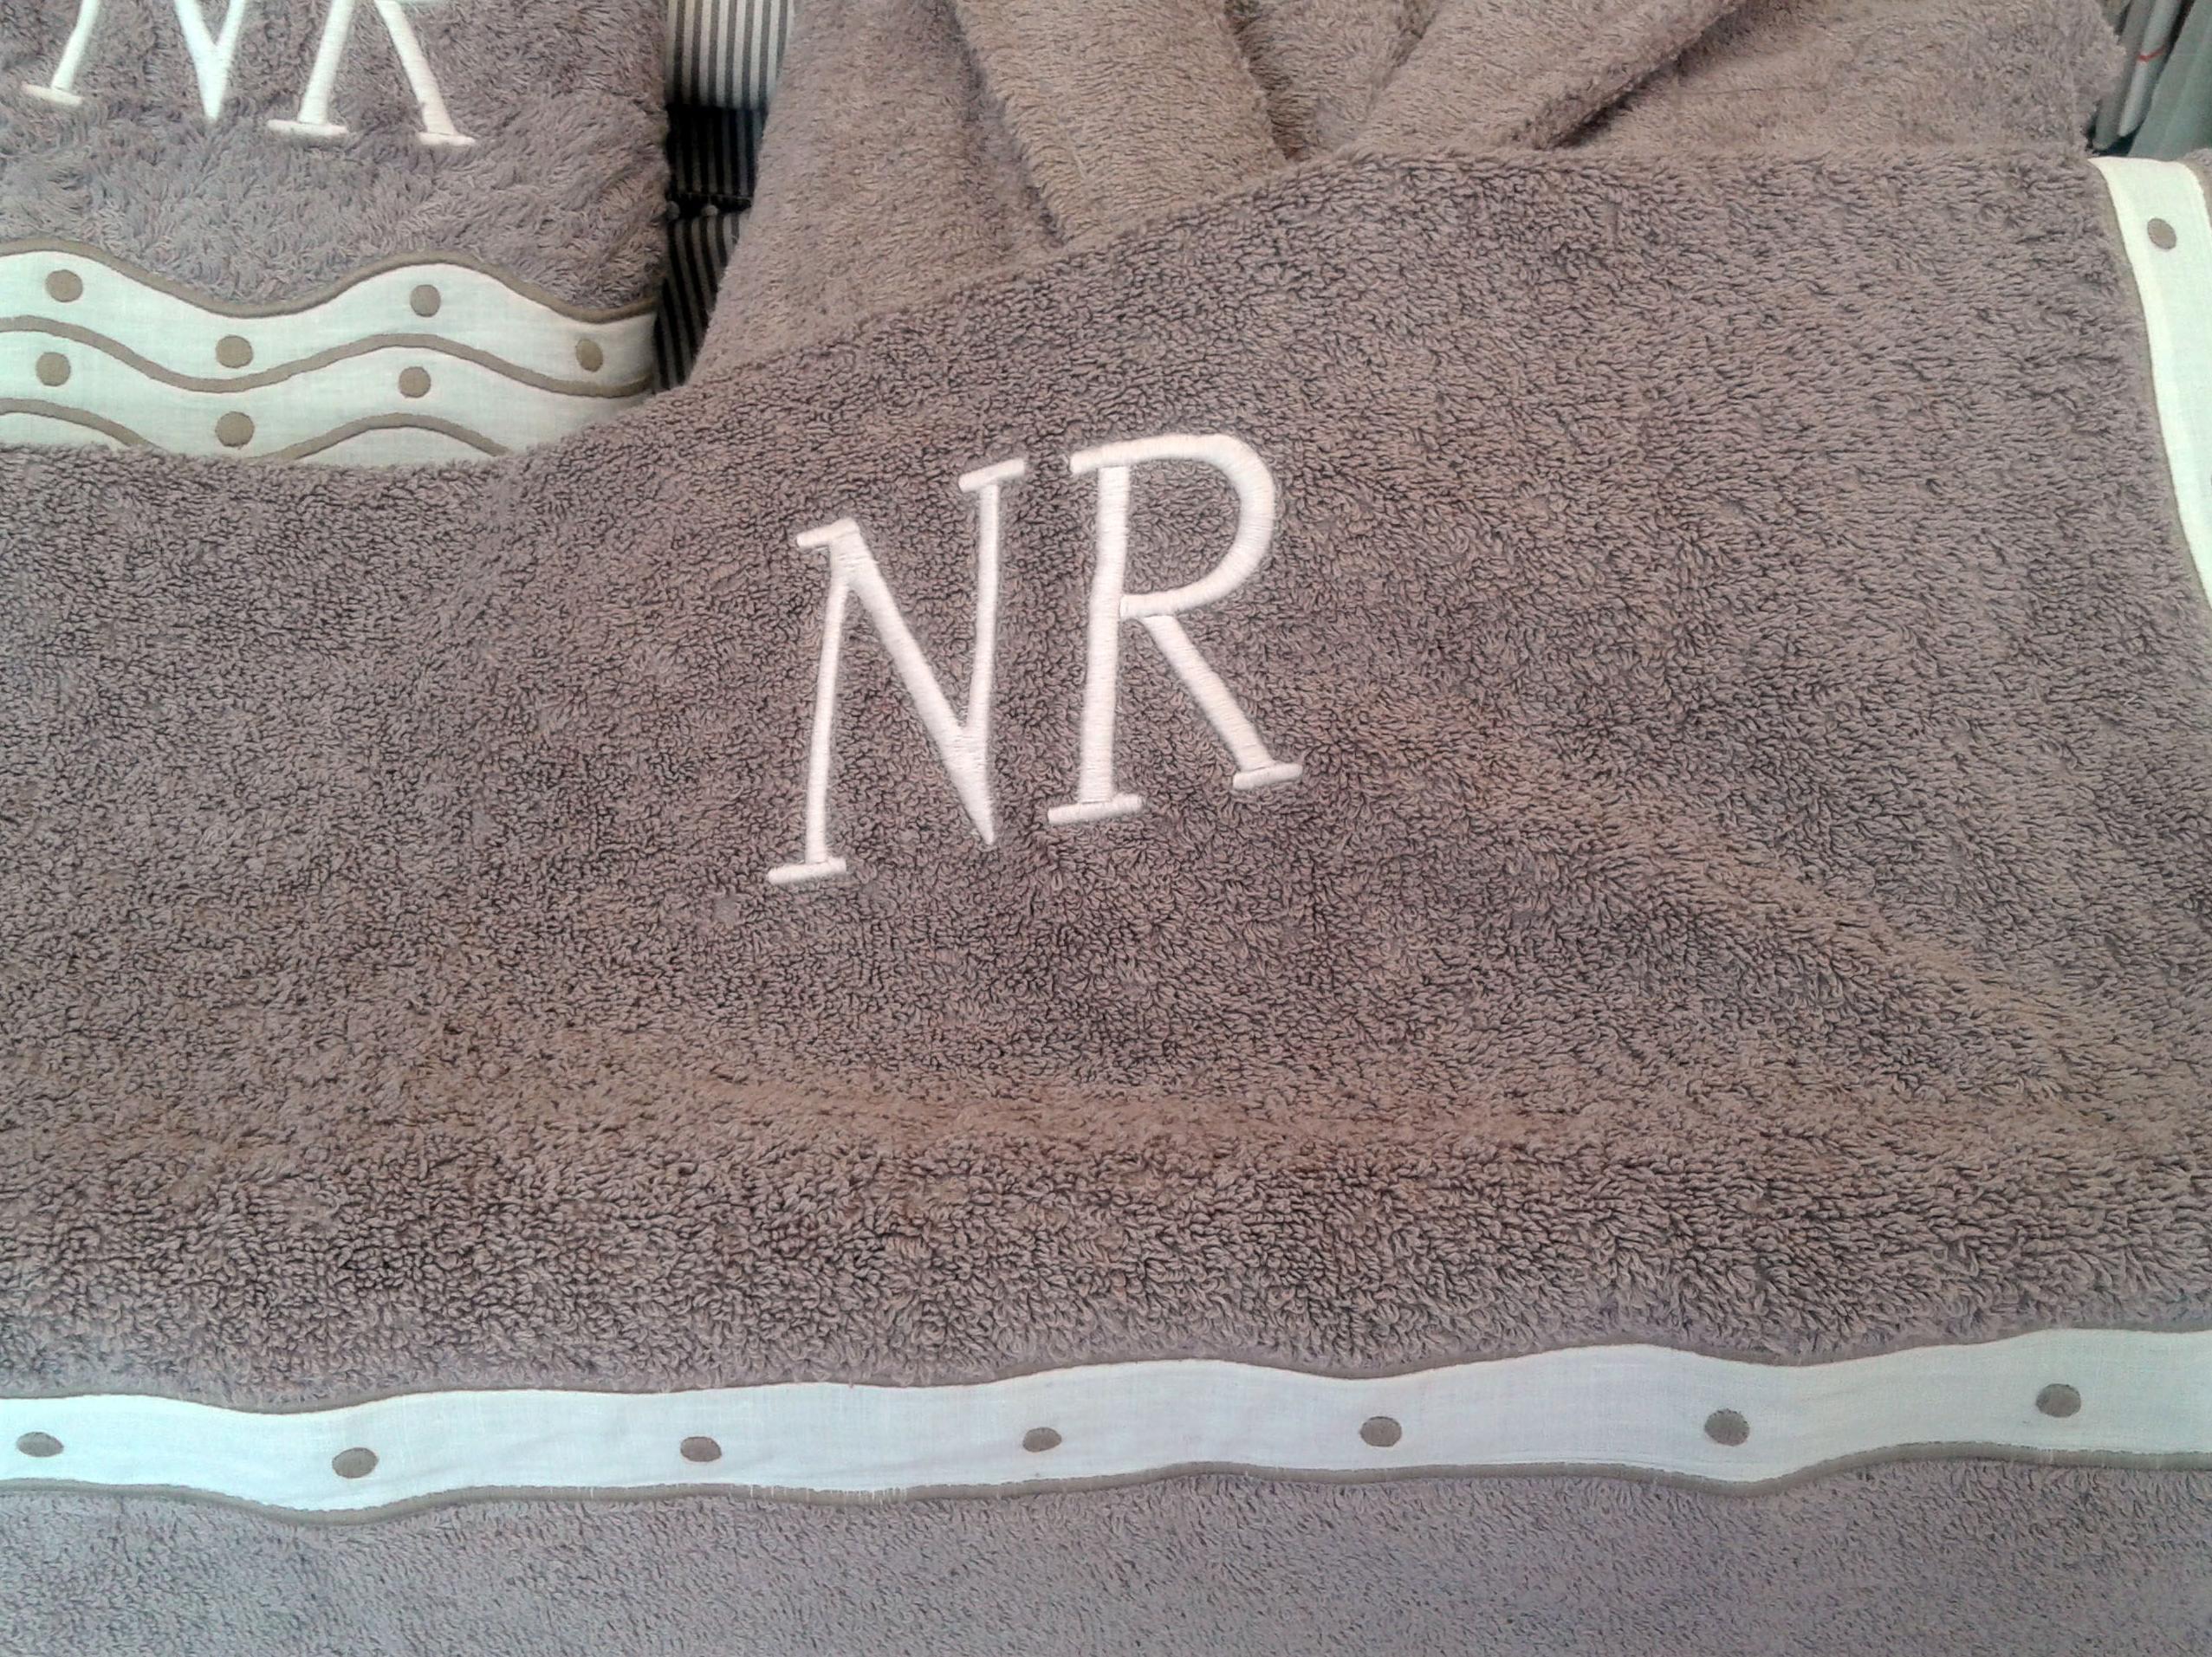 Toallas bordadas con las iniciales NR